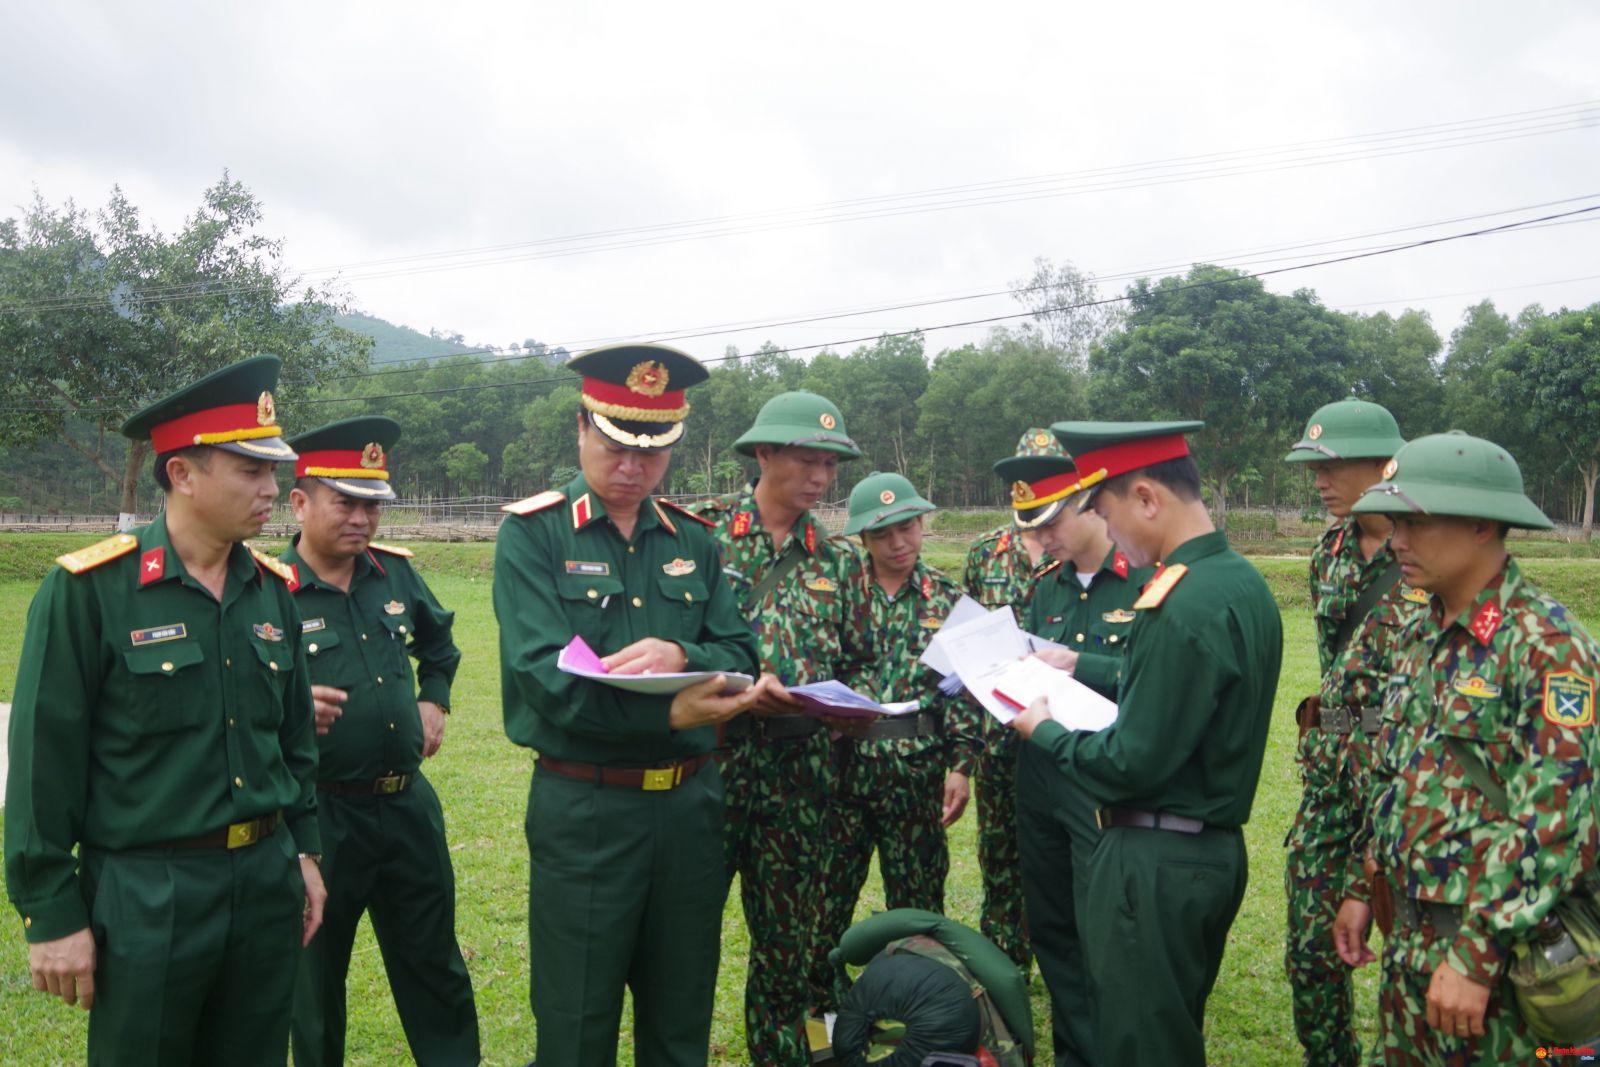 Xây dựng và nhân rộng điển hình tiên tiến, góp phần tạo chuyển biến mạnh mẽ Phong trào Thi đua Quyết thắng của lực lượng vũ trang Quân khu